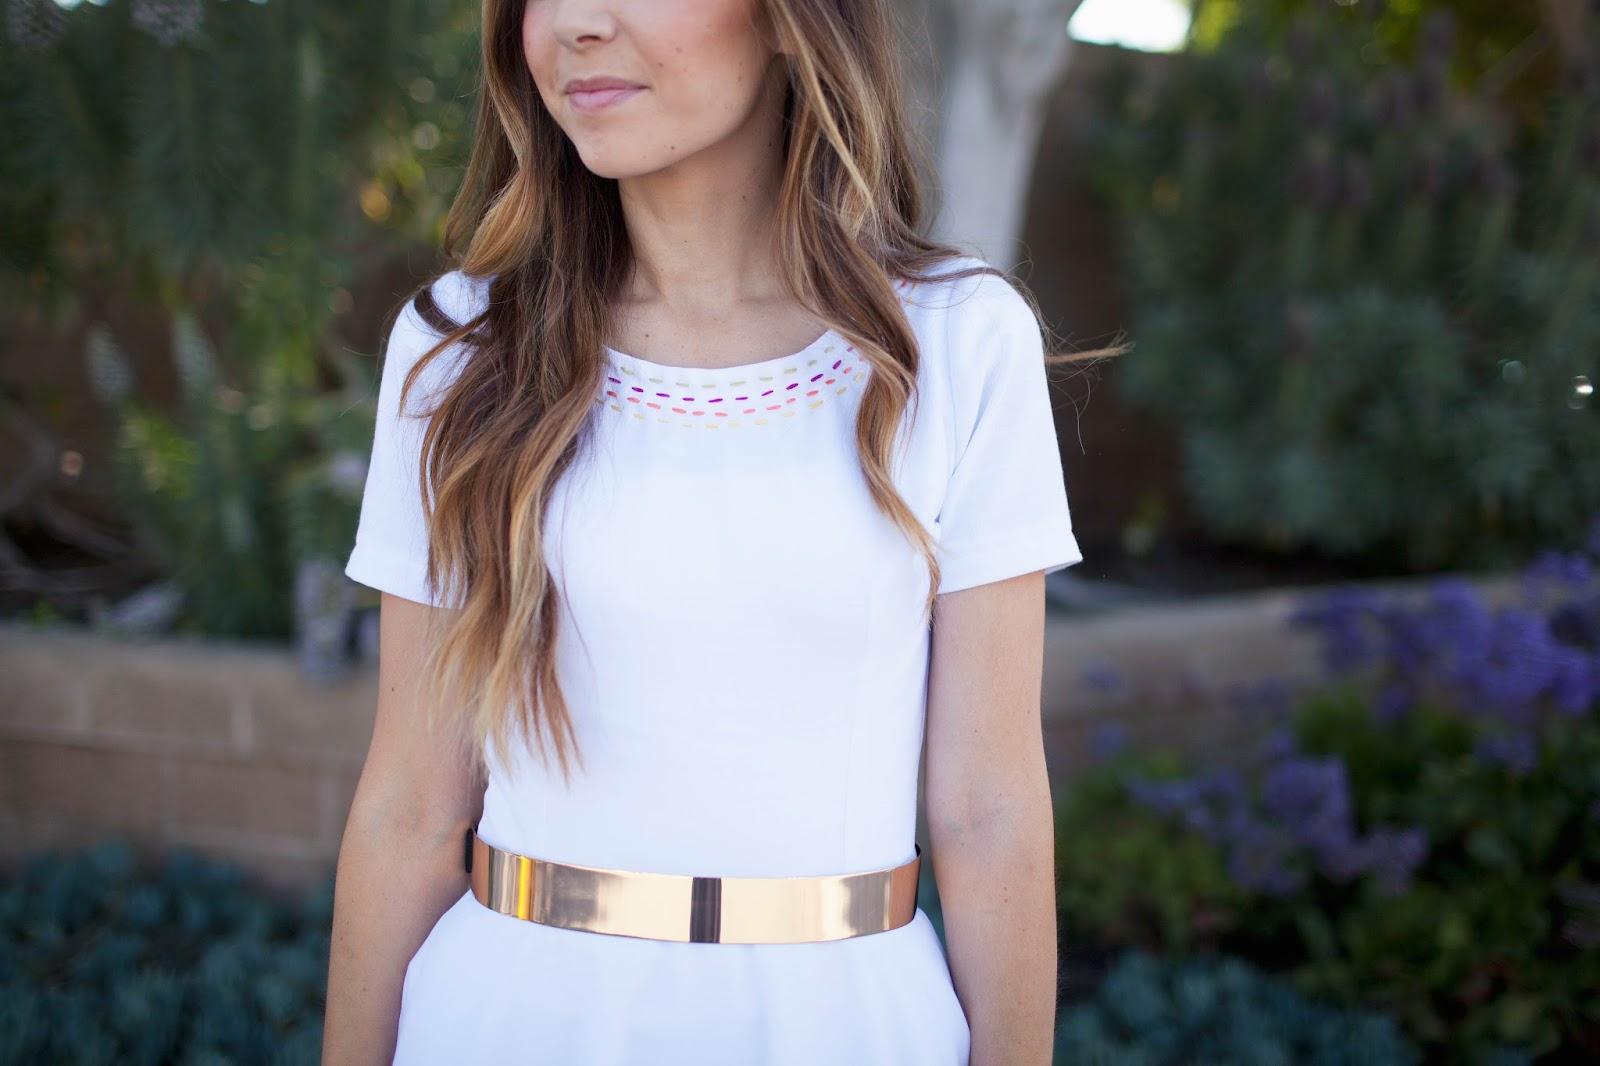 Merrick S Art Gold Belt White Dress